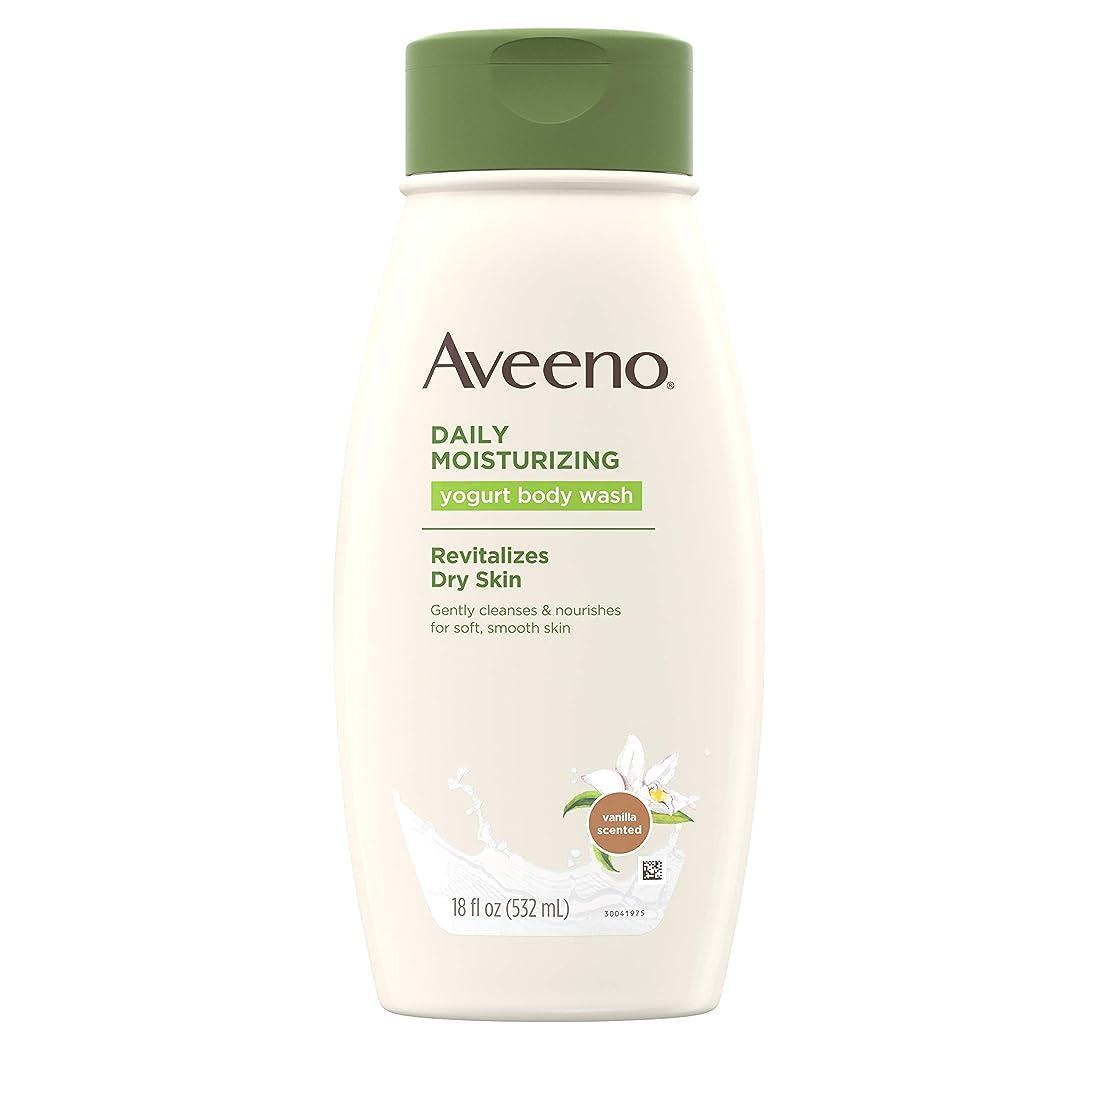 調和のとれた緊急投資Aveeno バニラ香り&スージングオーツ、ジェントルボディークレンザー、18フロリダでドライスキンデイリーモイスチャライジングヨーグルトボディウォッシュ。オズ